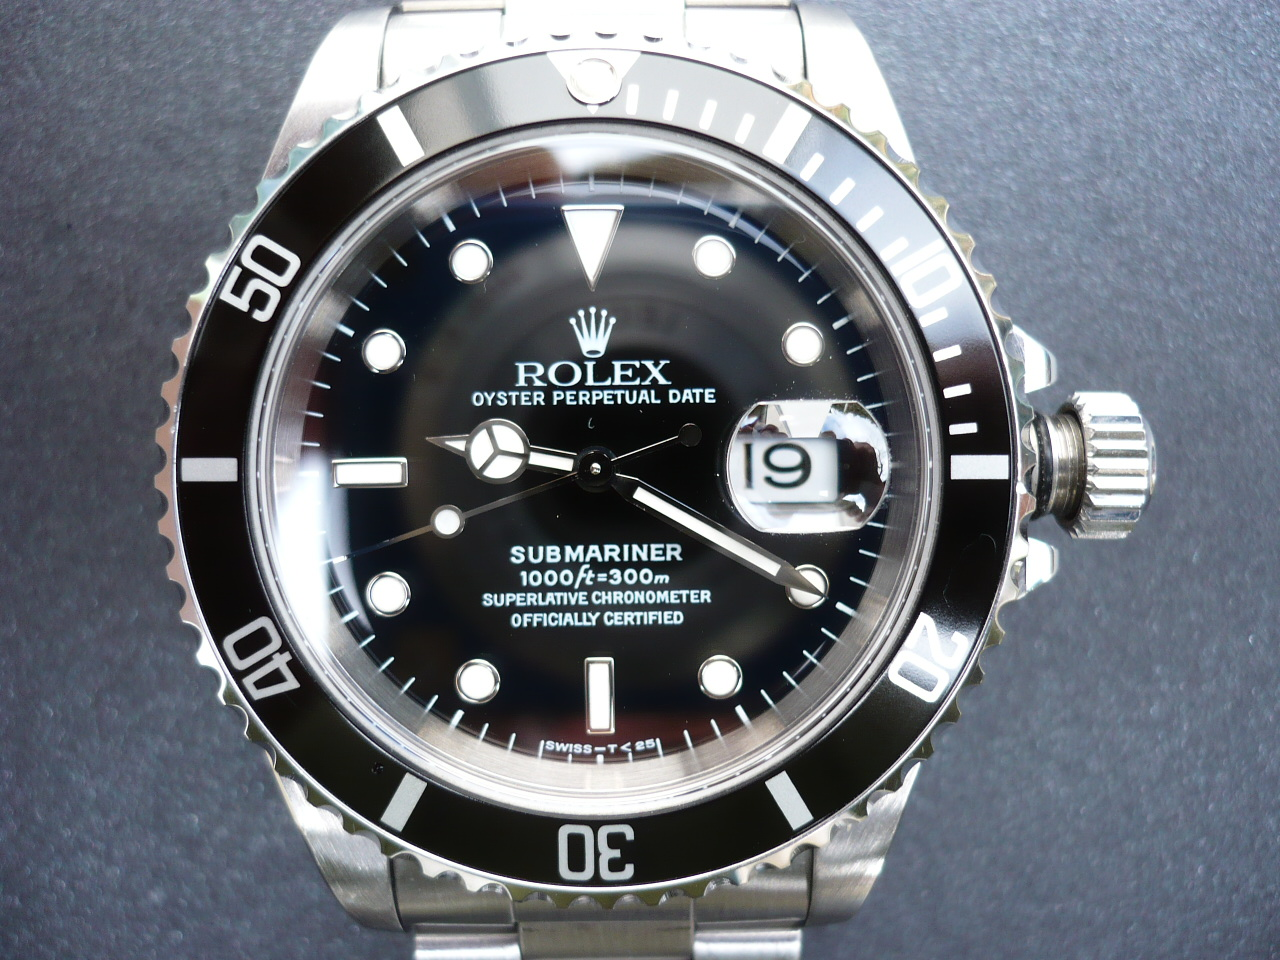 Original Rolex Submariner - Avanti Schools Trust